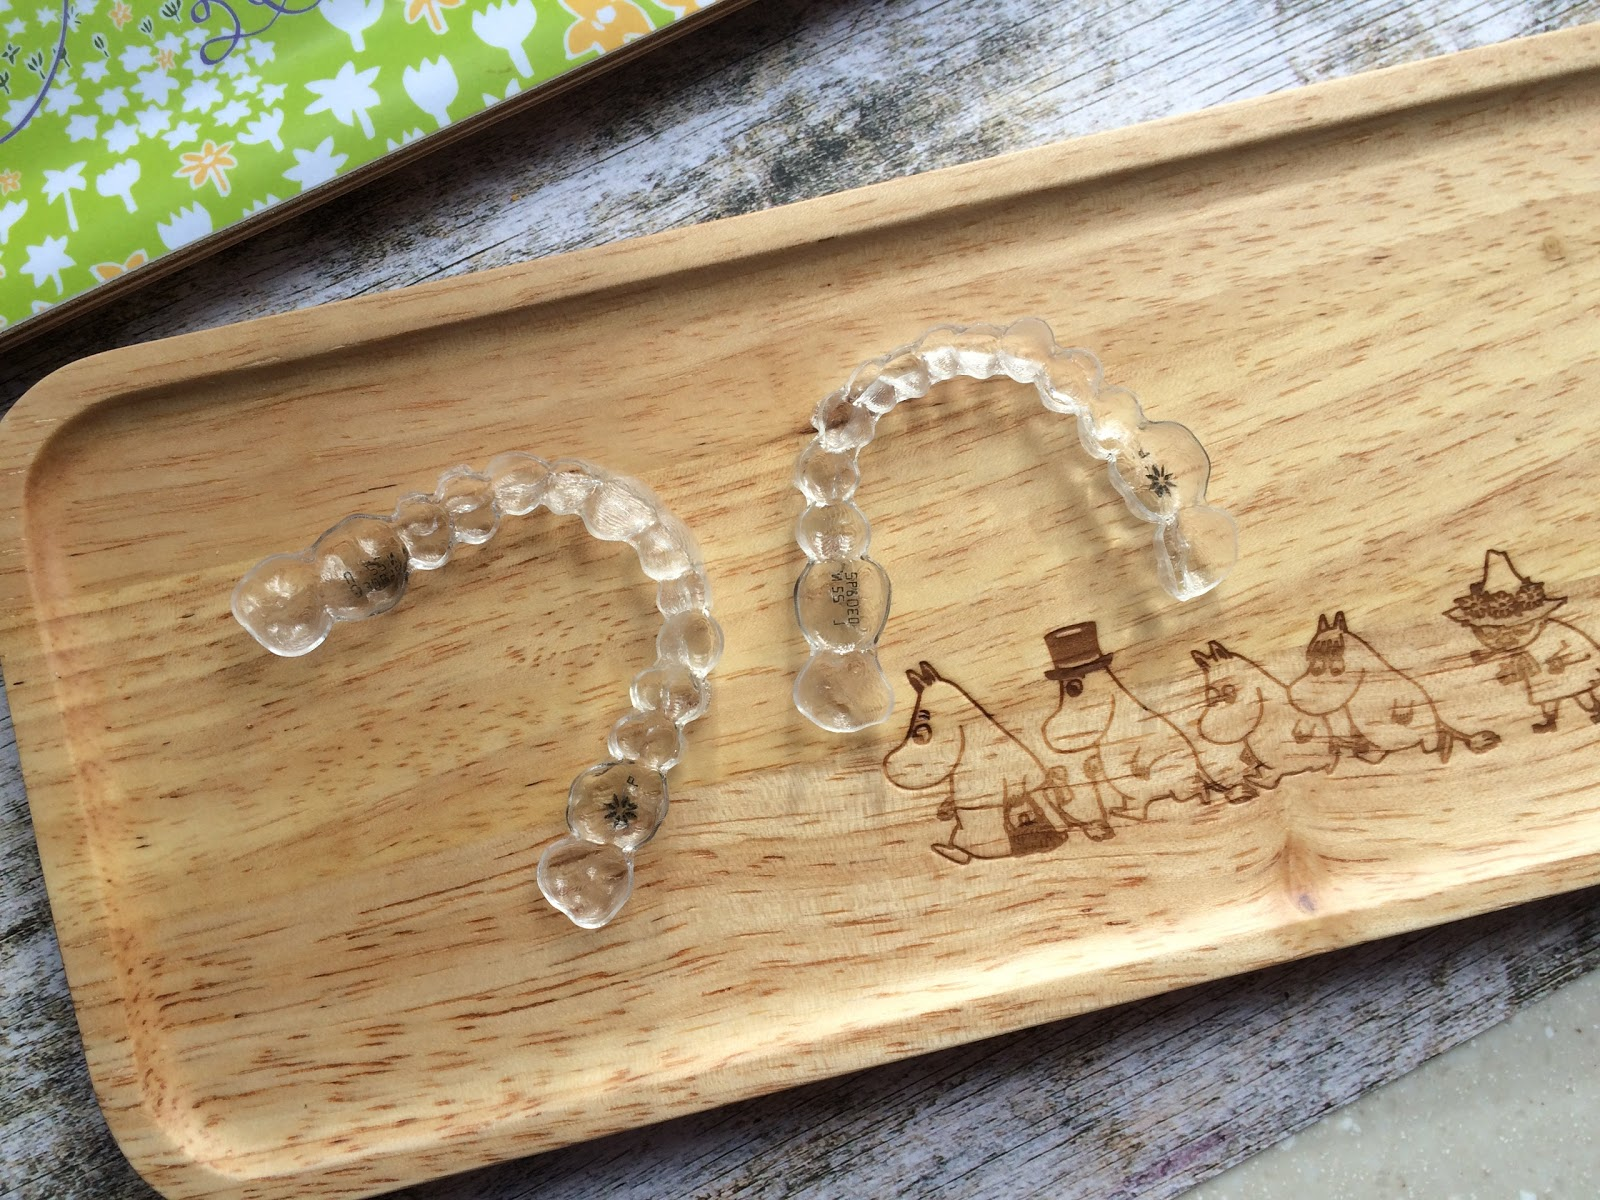 Invisalign trays on a moomin wooden tray